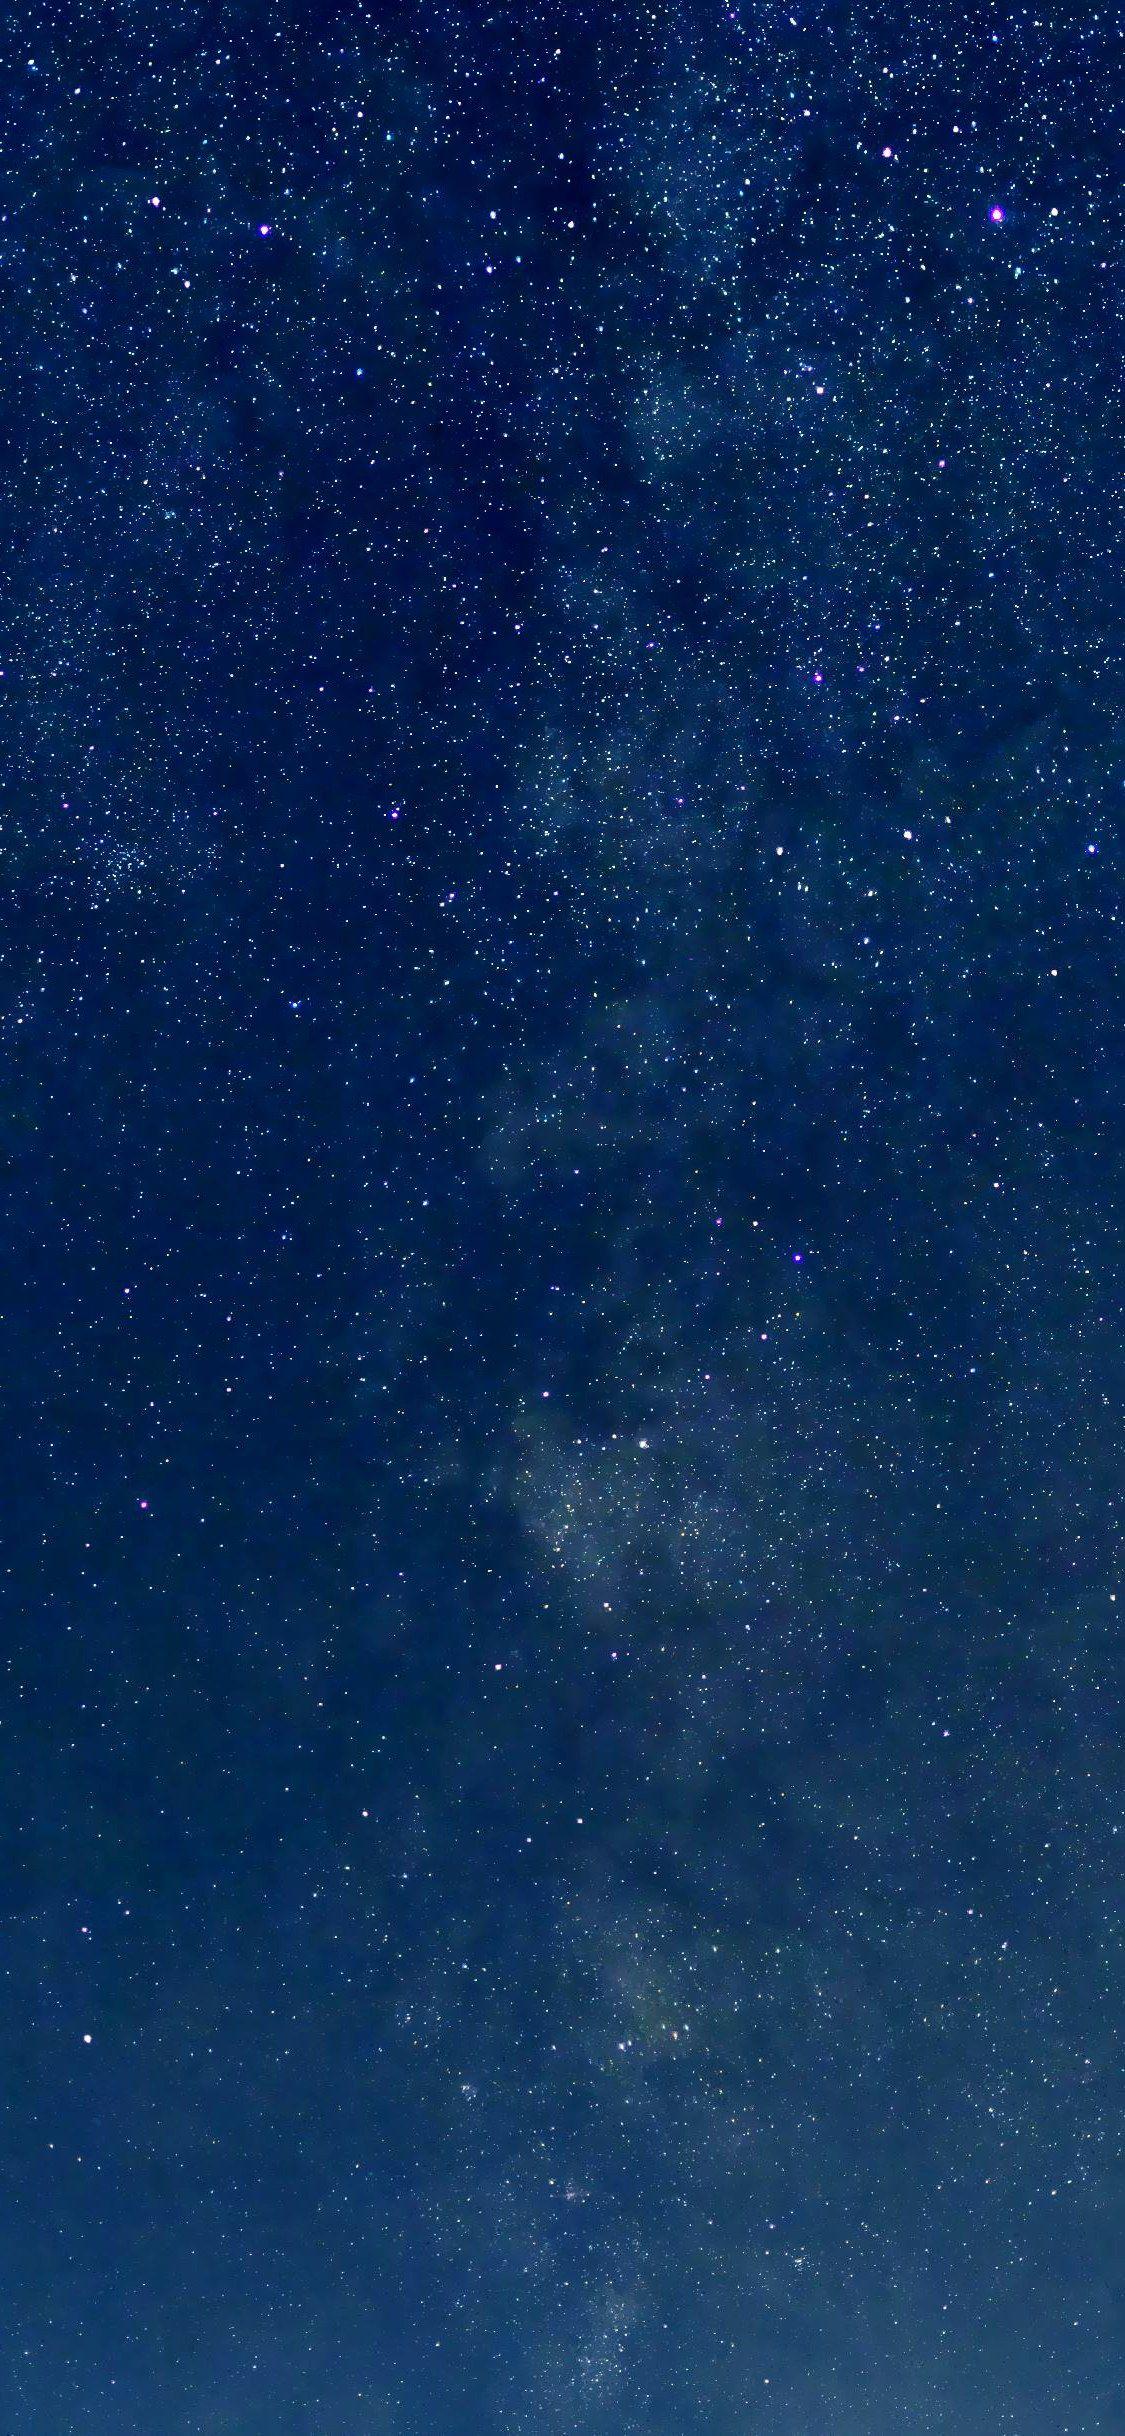 Iphone Xs Ma Wallpaper Milky Way Stars Blue Summer Night Sky Hd Hd Night Sky Hd Sky Hd Night Sky Wallpaper